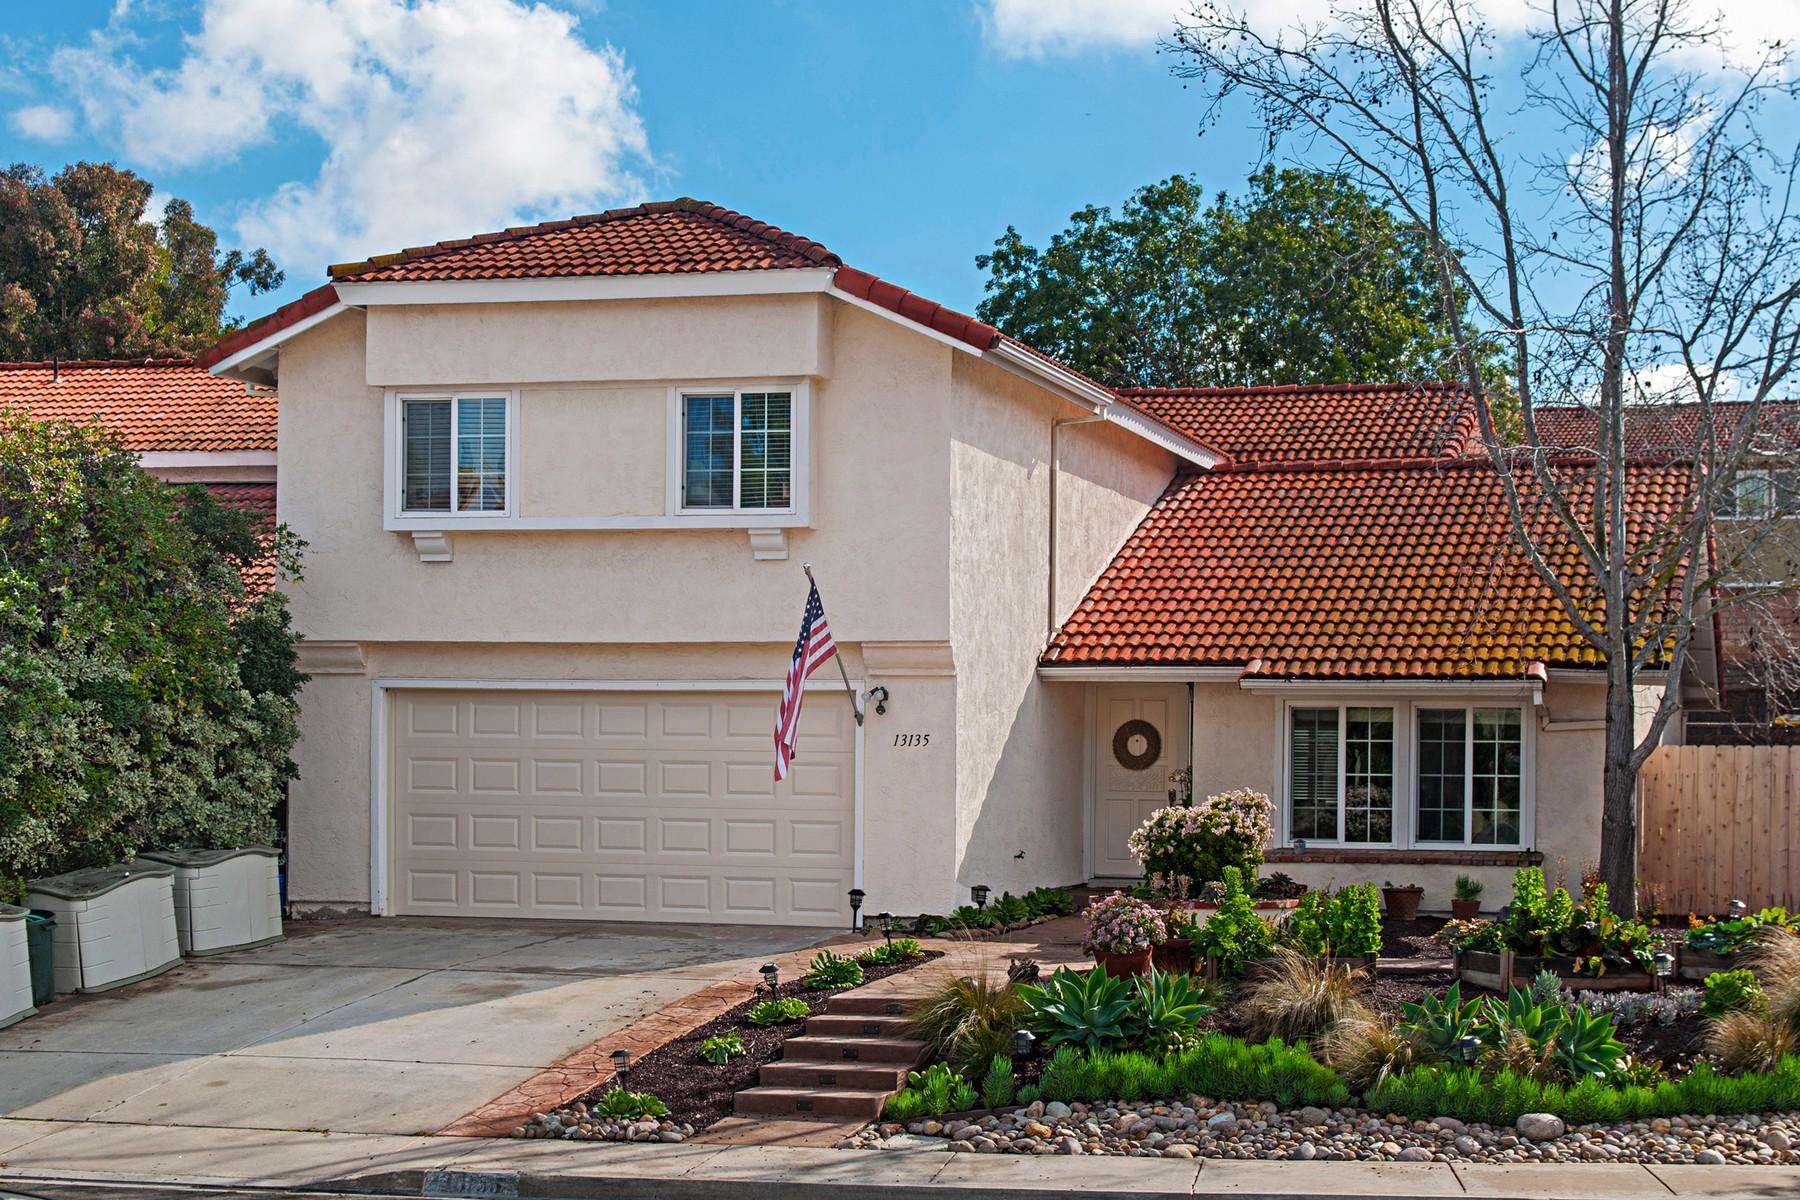 一戸建て のために 売買 アット 13135 Bavarian San Diego, カリフォルニア, 92129 アメリカ合衆国